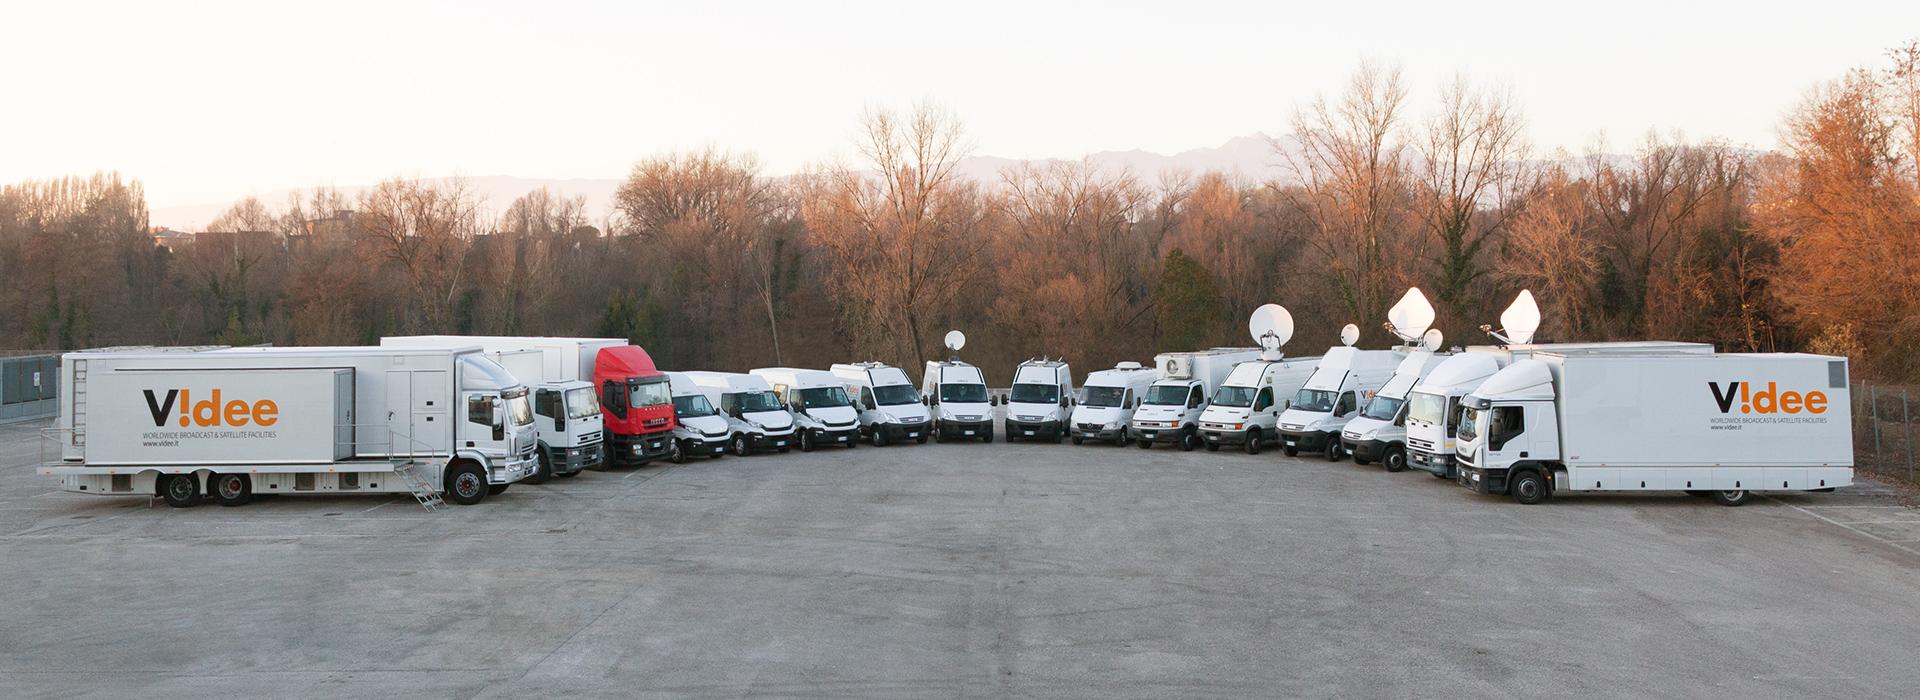 La flotta di Videe: regie mobili HD, ob-van e flight case